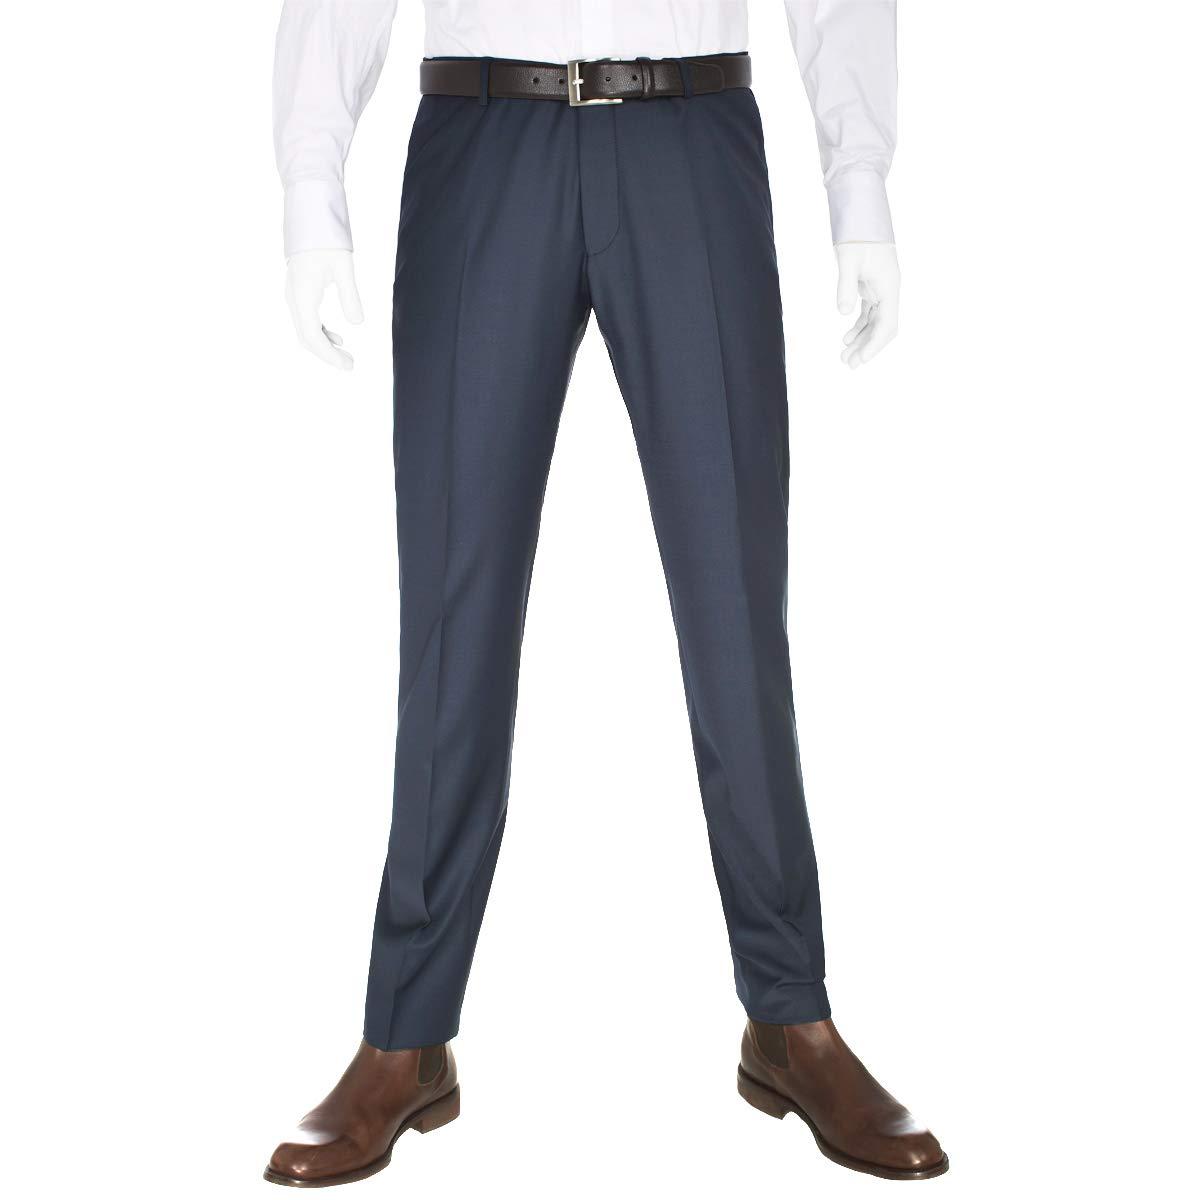 Michaelax-Fashion-Trade Benvenuto Purple - Slim Fit - Herren Baukasten Hose fü r Jungen Trend-Anzug mit sehr schlankem Schnitt in verschiedenen Farben, Tozzi (20657, Modell: 61284)